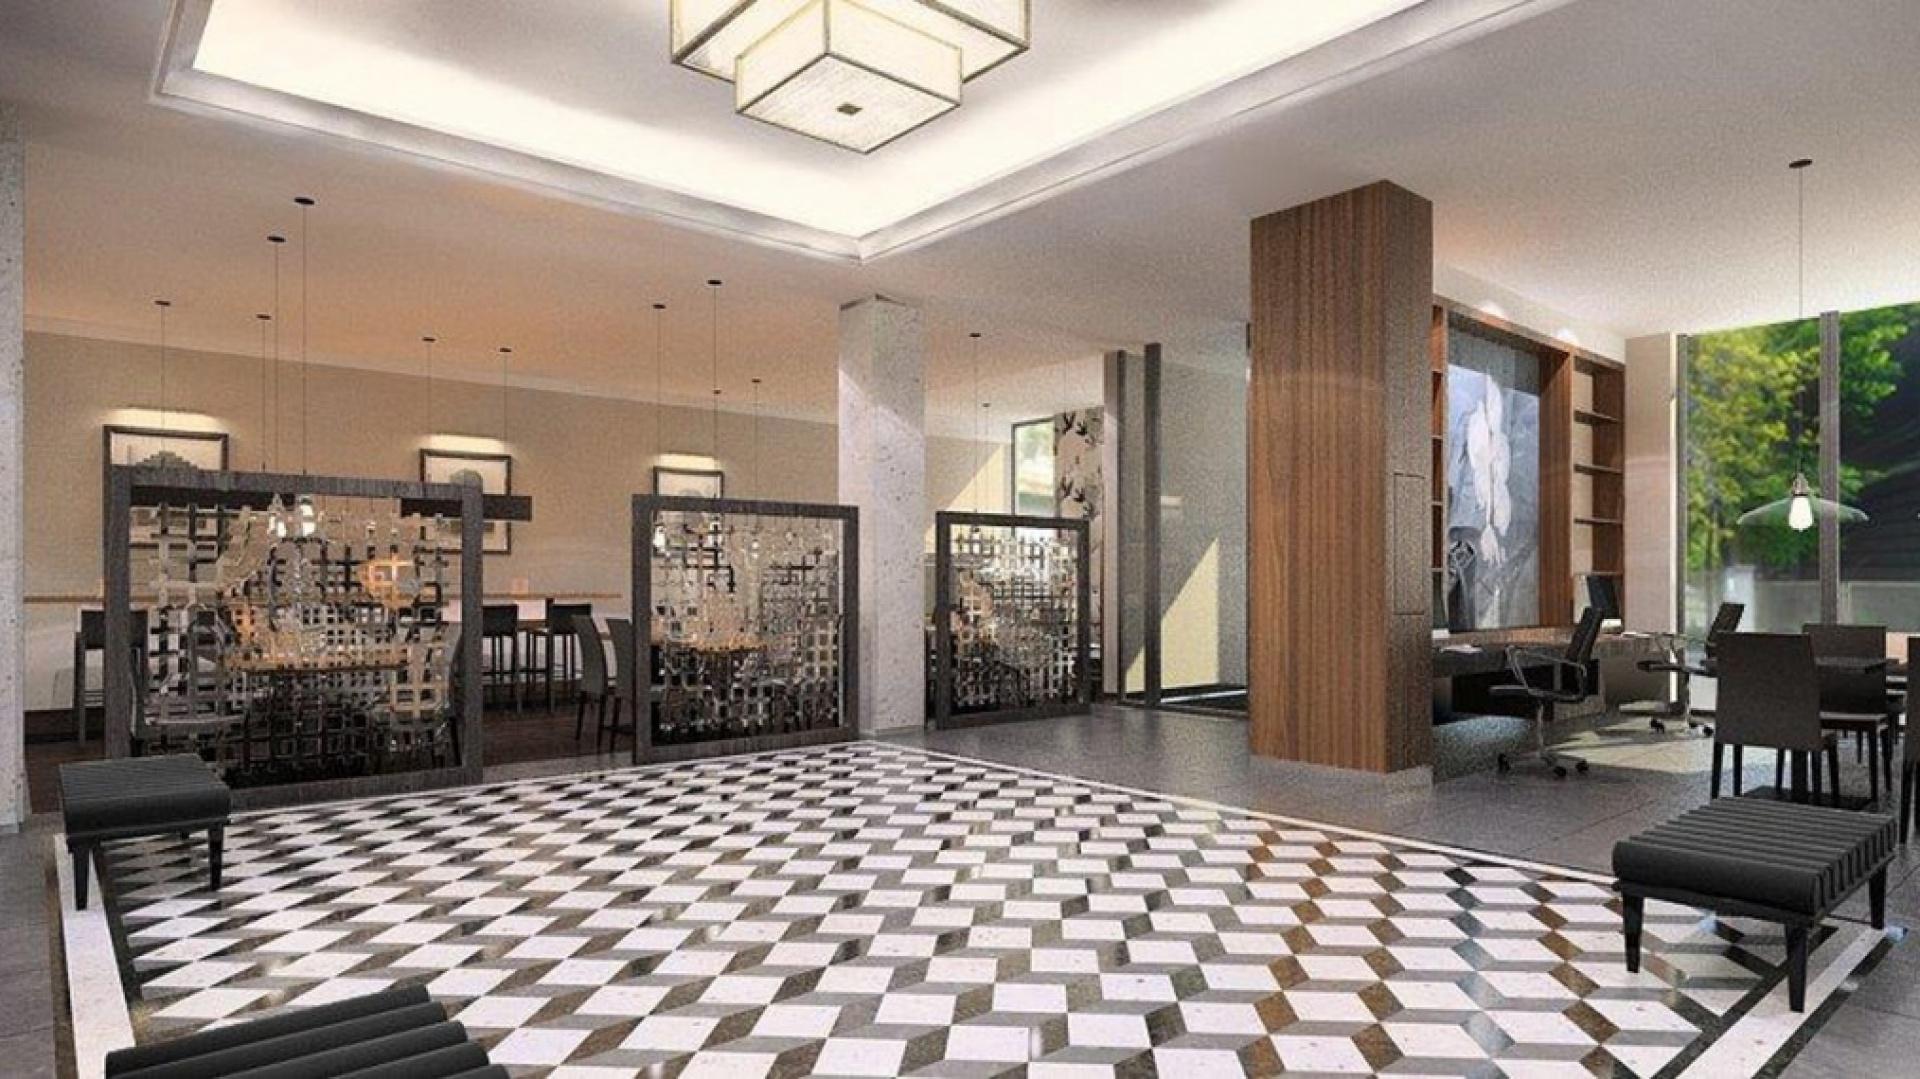 Hotel Hampton by Hilton w Poznaniu2_fot. mat. prasowe inwestora